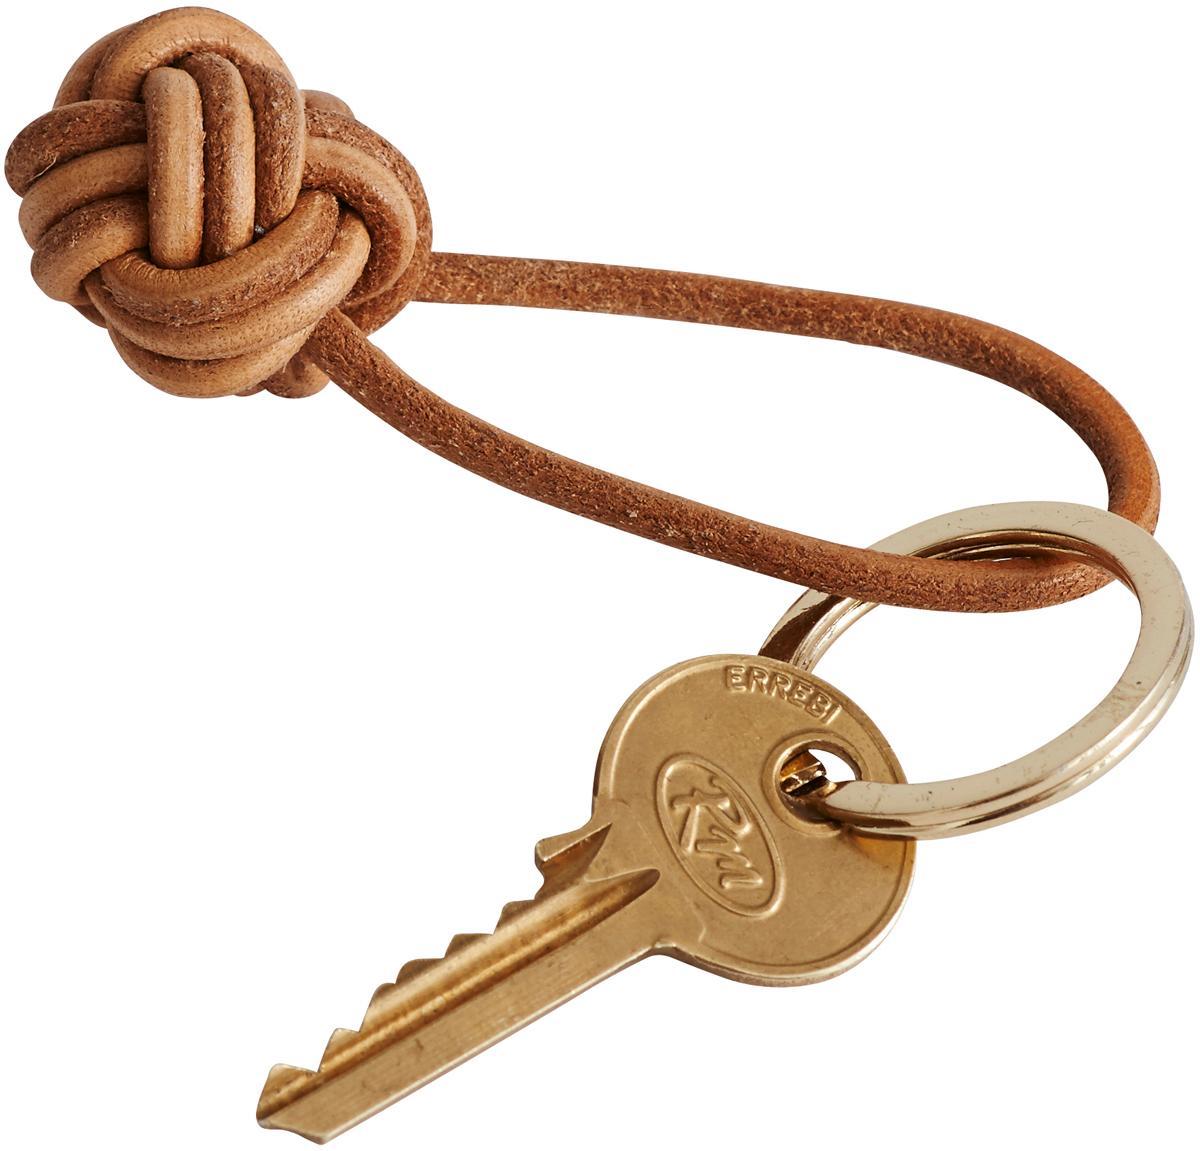 Sleutelhanger Knot, Leer, Bruin, Ø 4 cm